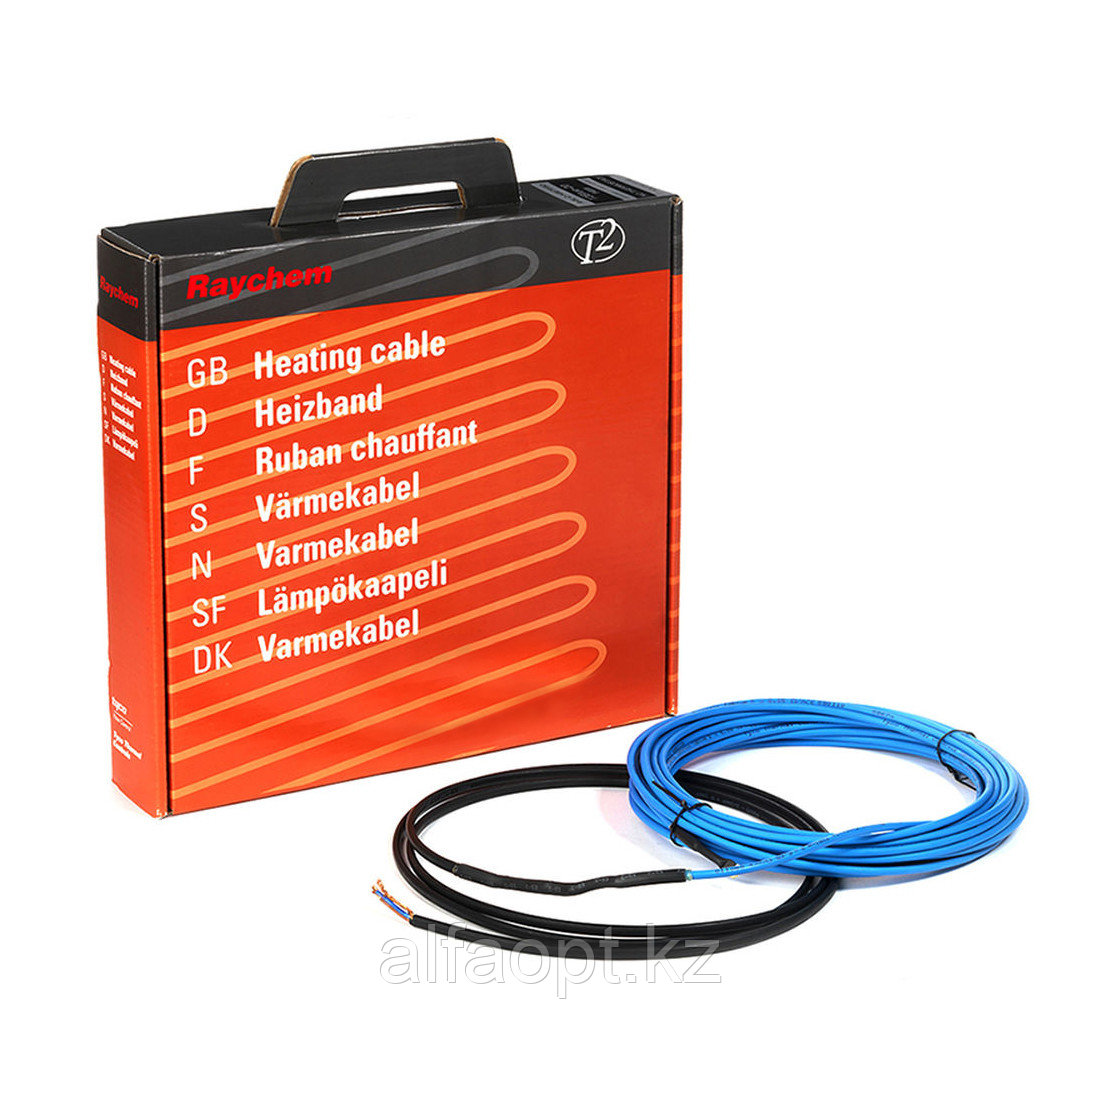 Комплект теплого пола T2Blue R-BL-C-21M/T0/SD, 435Вт